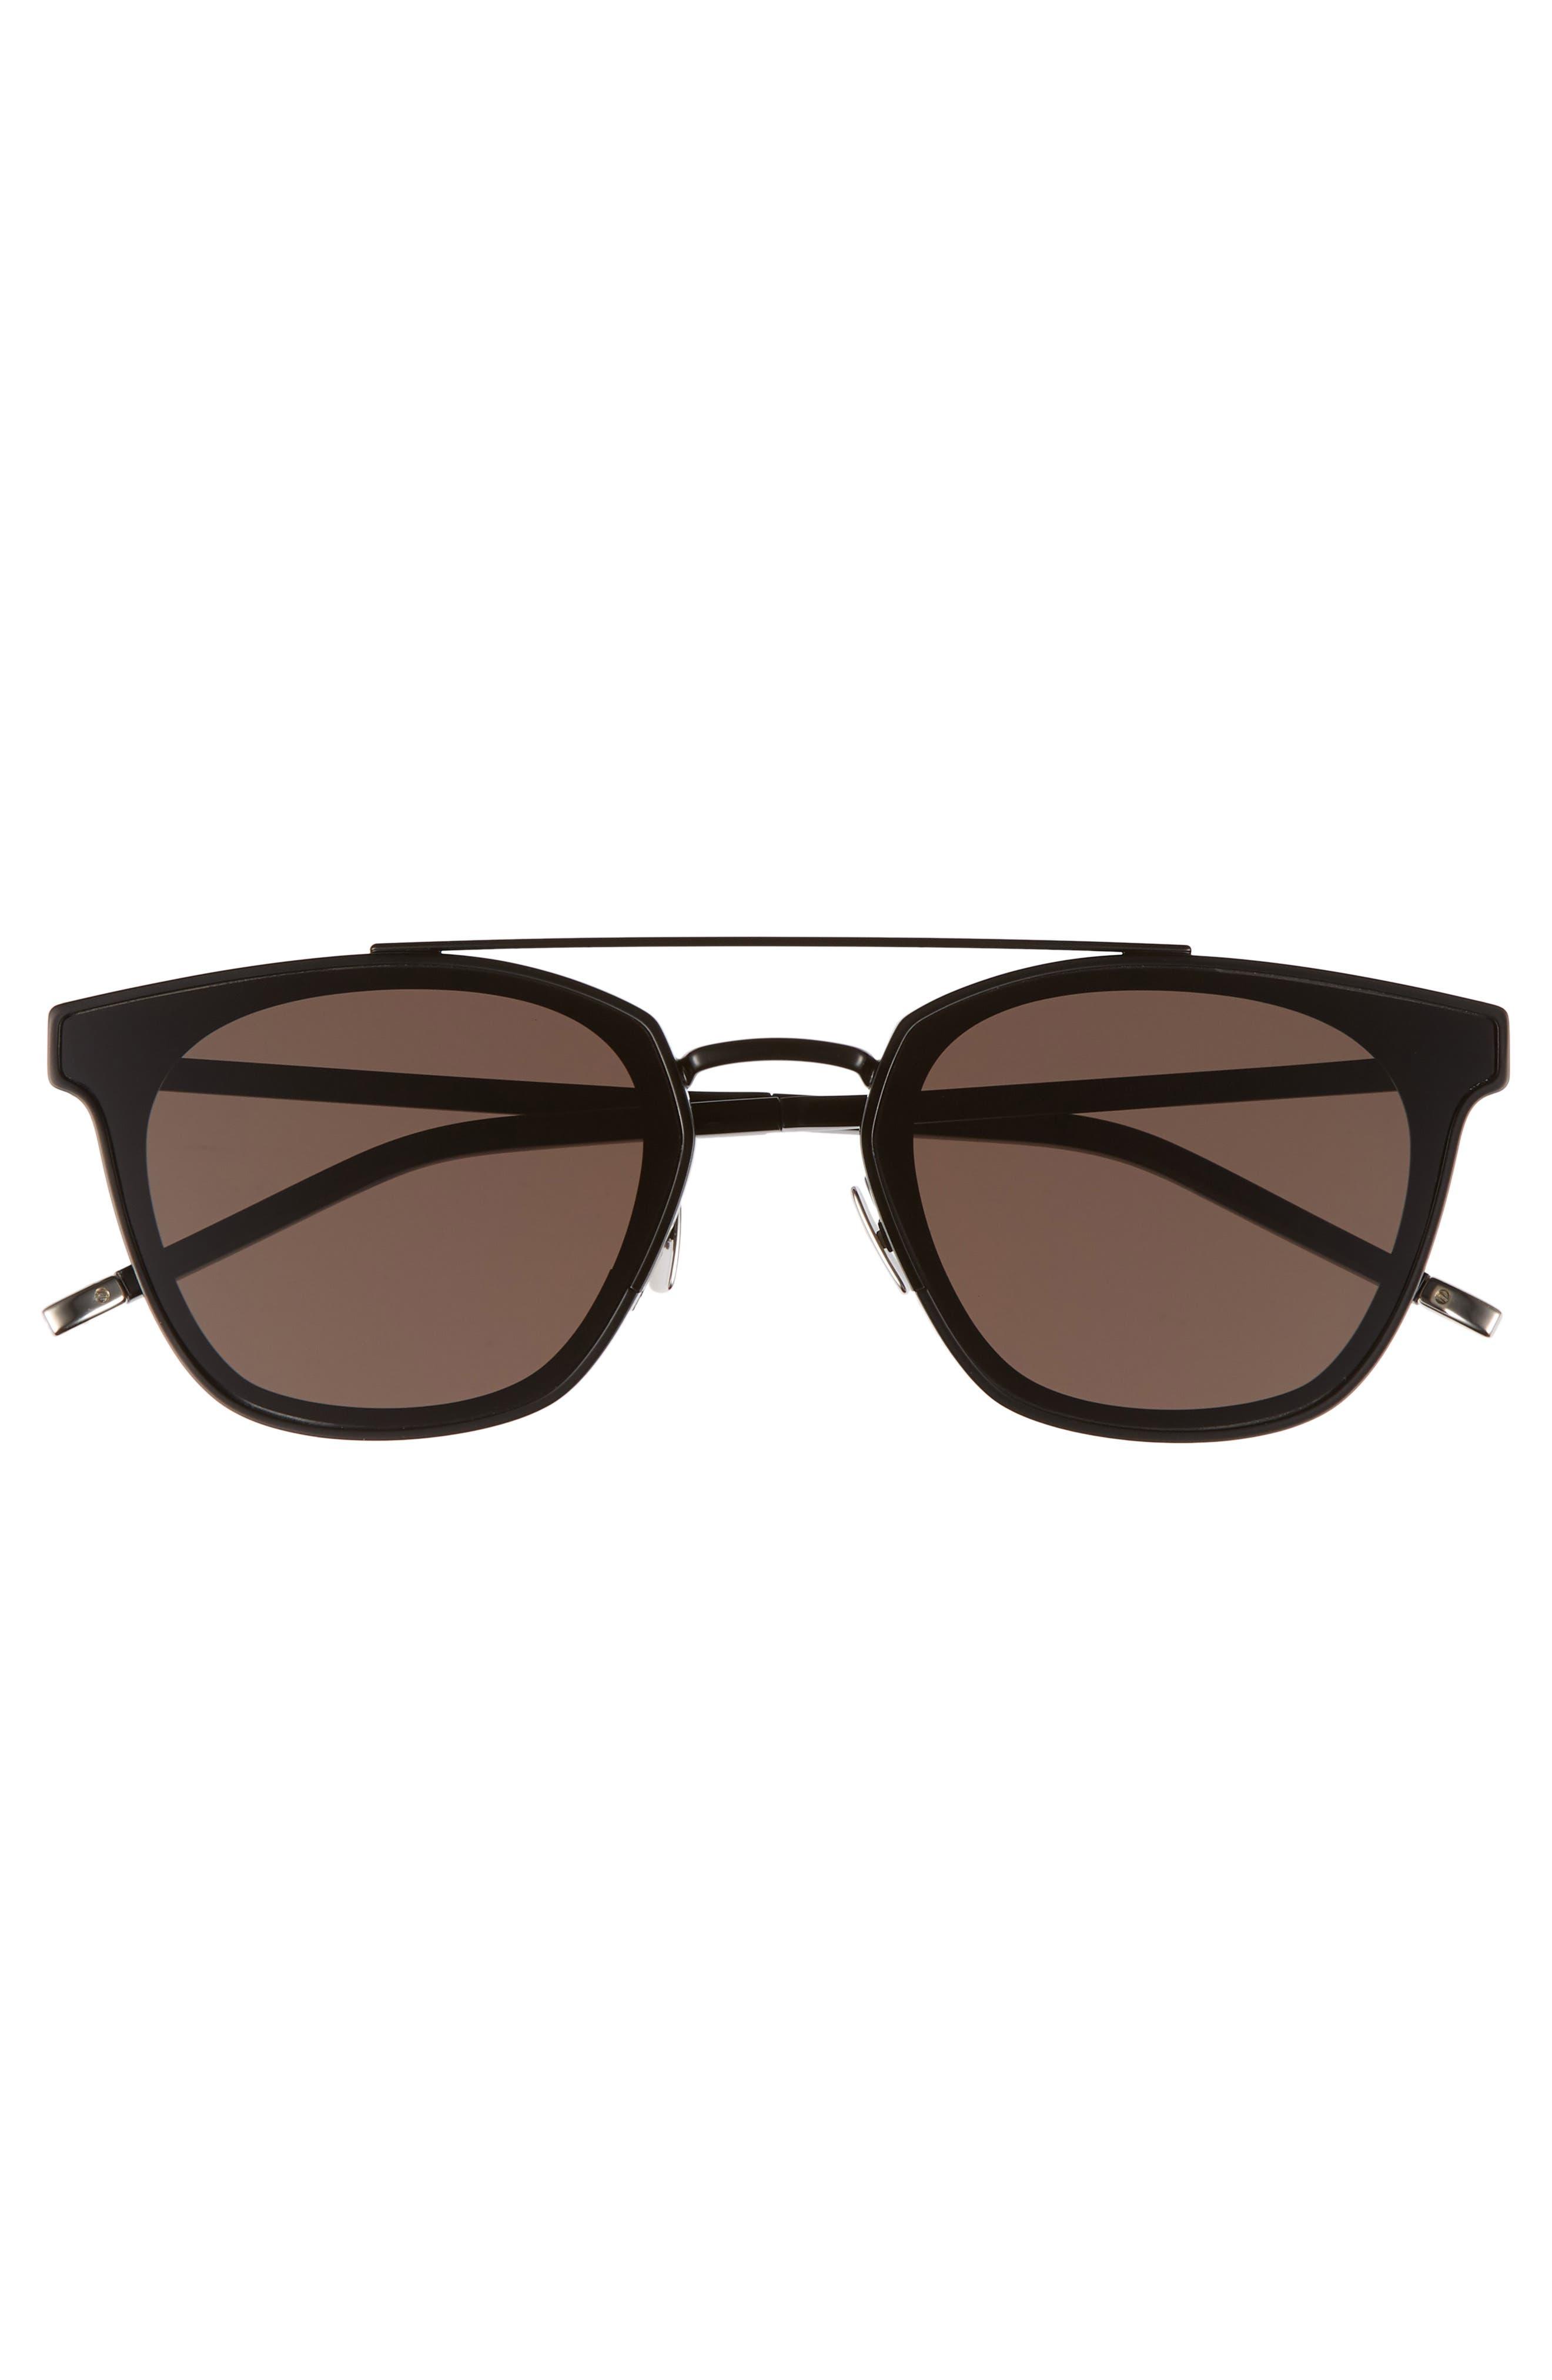 125708e58df Men s Saint Laurent Sunglasses   Eye Glasses